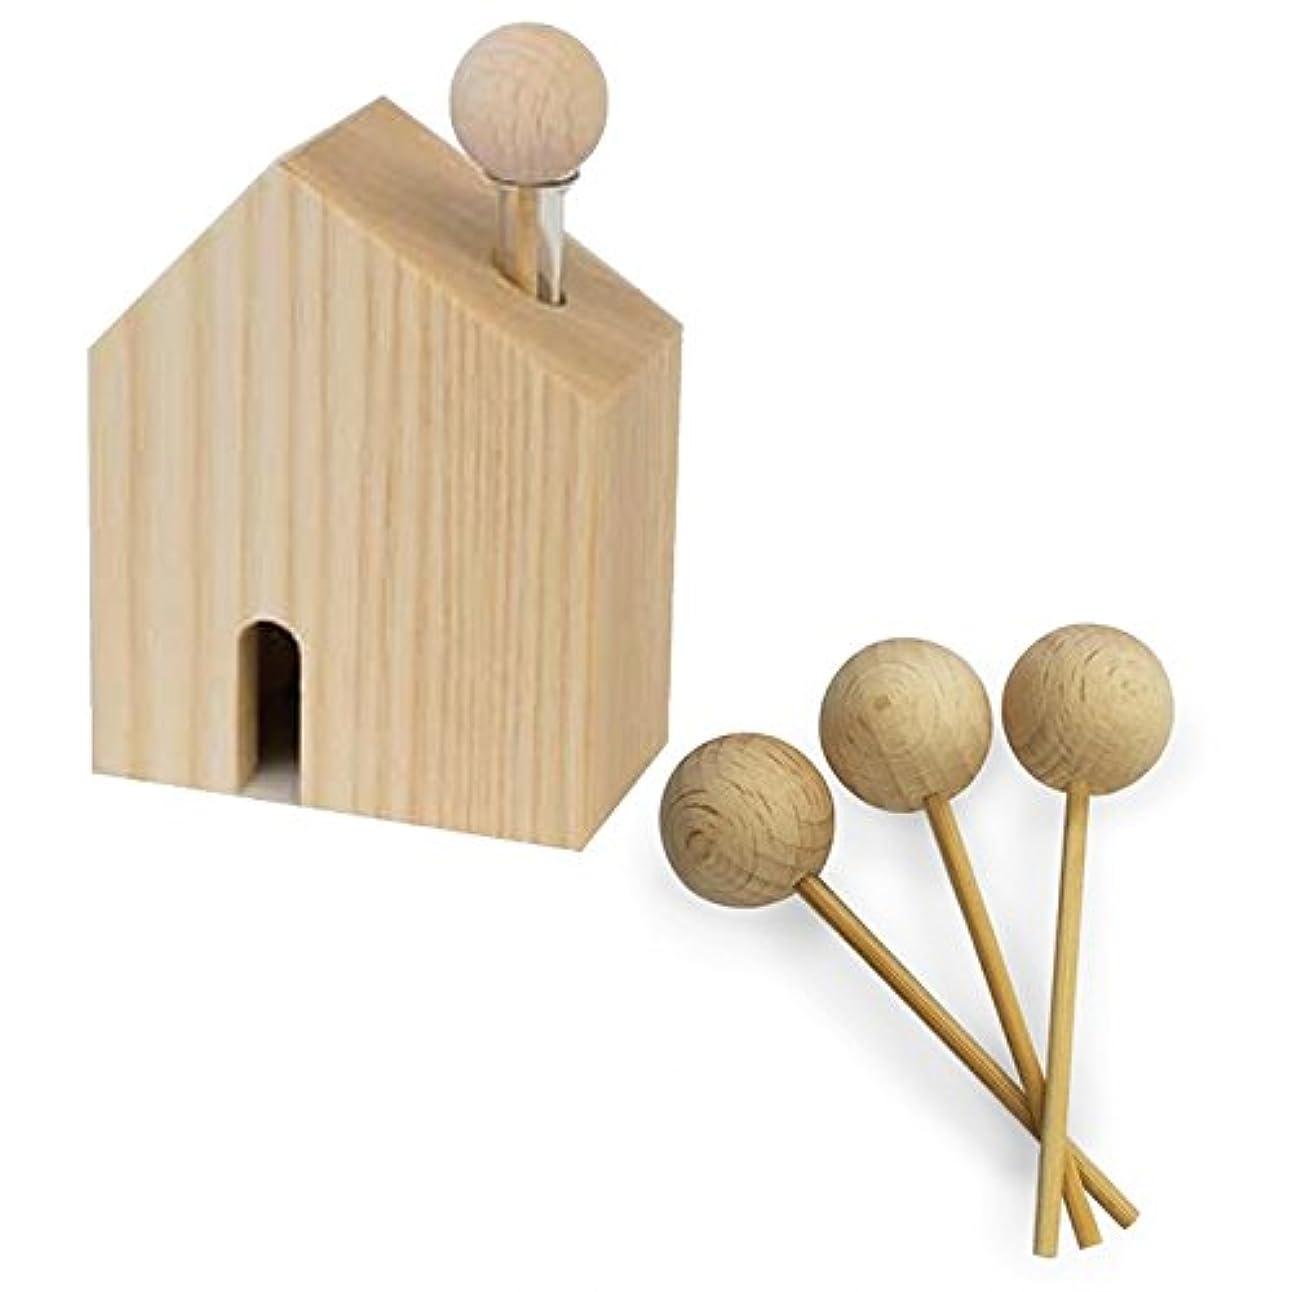 HARIO ハリオ アロマ芳香器 木のお家 交換用木製スティック3本付